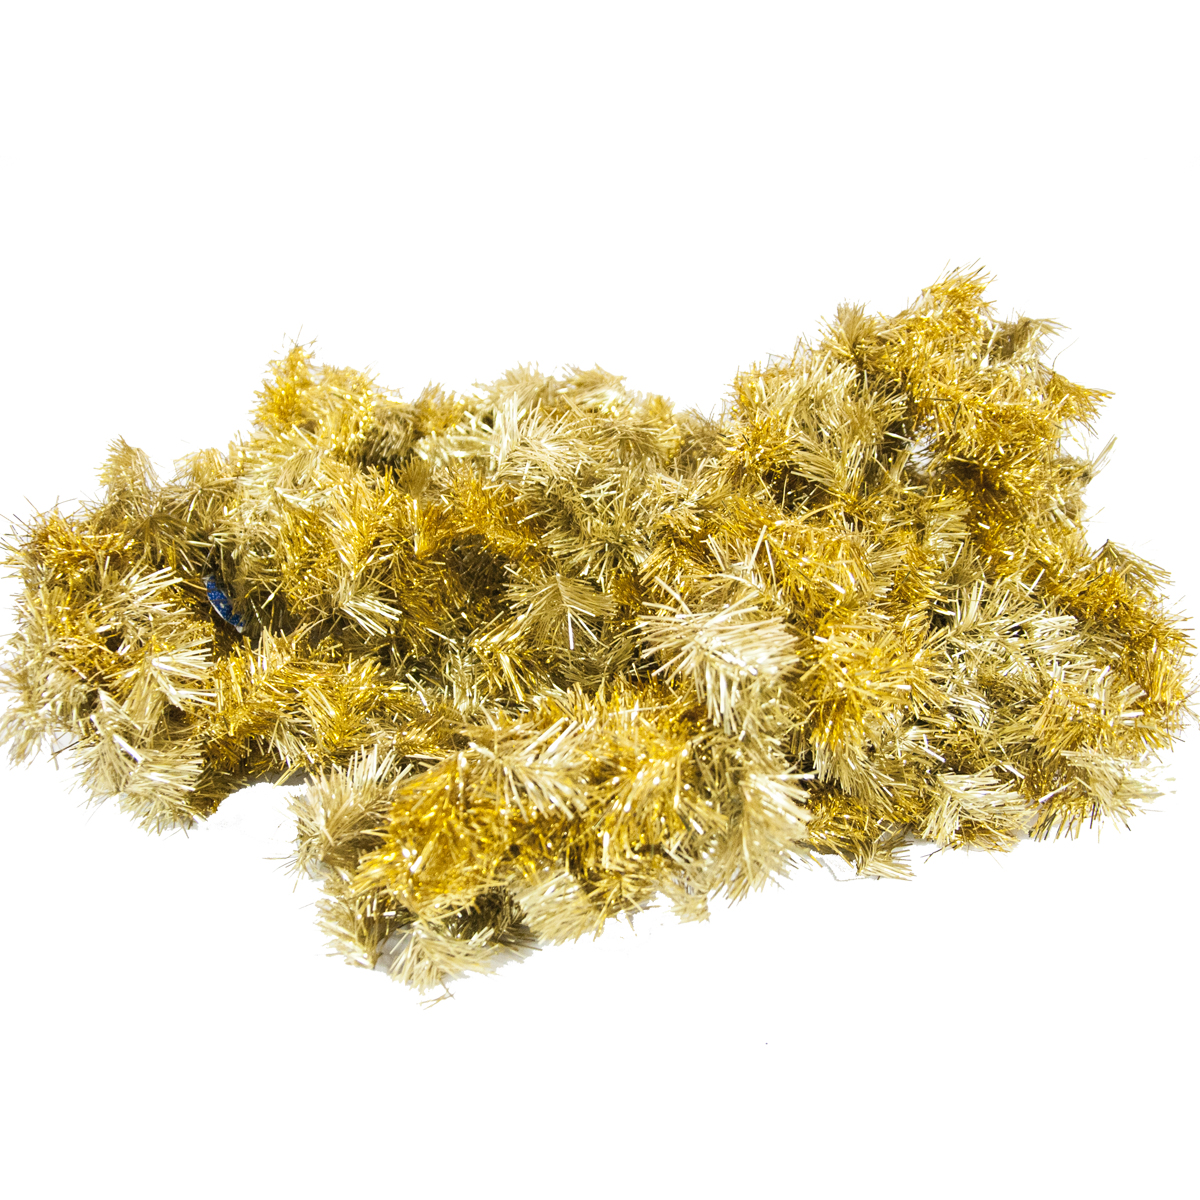 Мишура новогодняя Moranduzzo, цвет: золотистый, диаметр 20 см, длина 275 см мишура новогодняя eurohouse праздничная цвет сиреневый серебристый диаметр 9 см длина 200 см